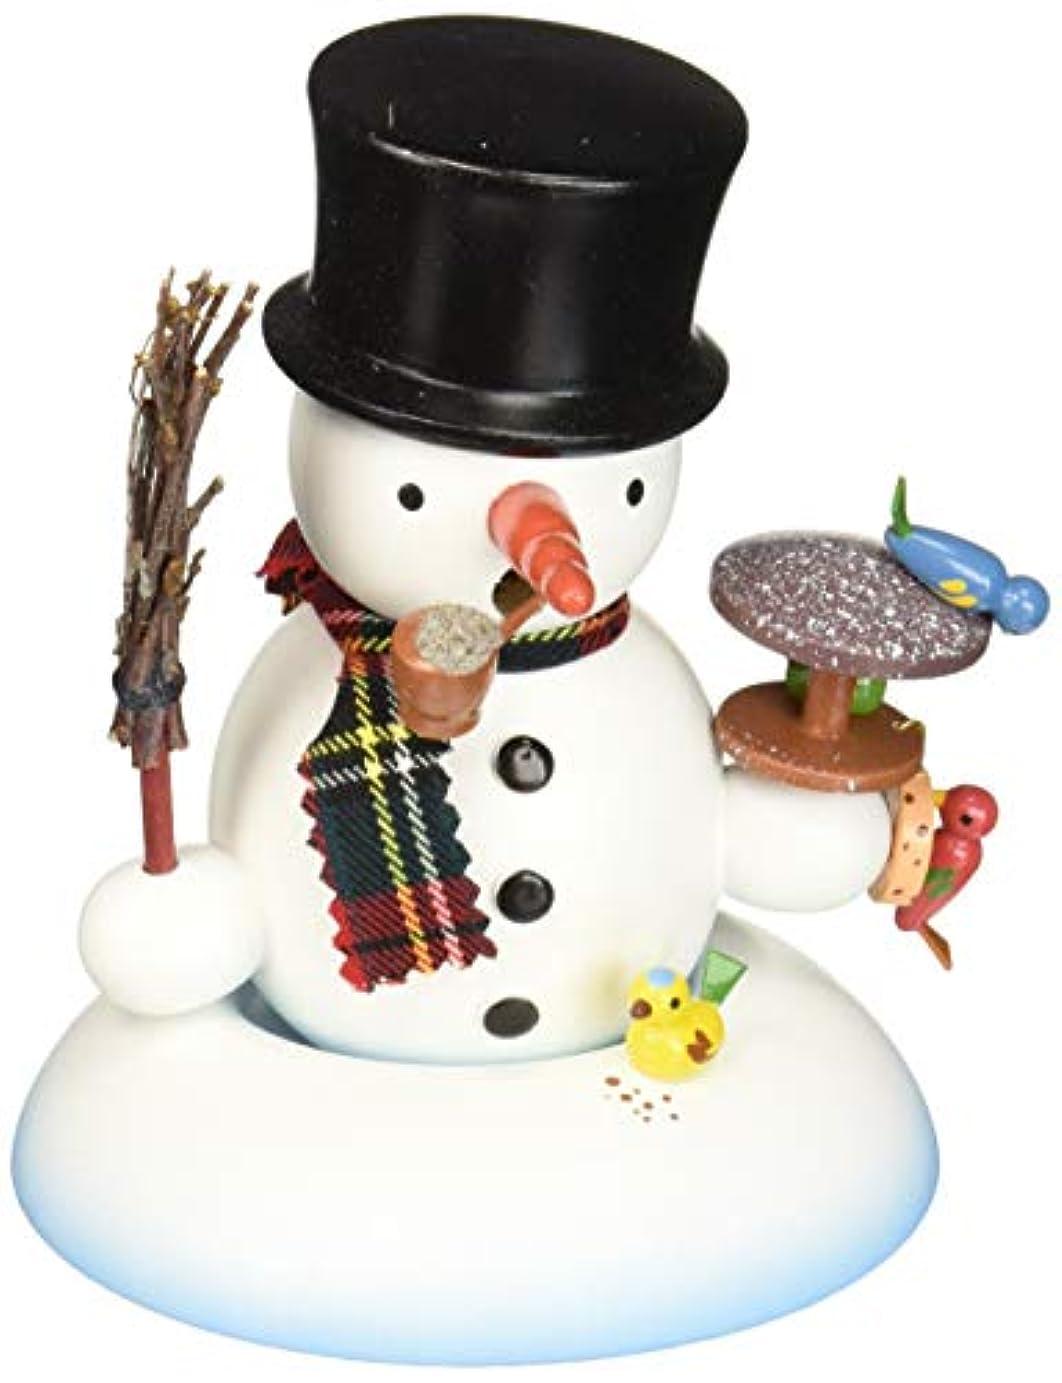 とげバン情熱Alexandor TaronホームDecor Dregeno Snowman with Birds Incense Burner 5.5